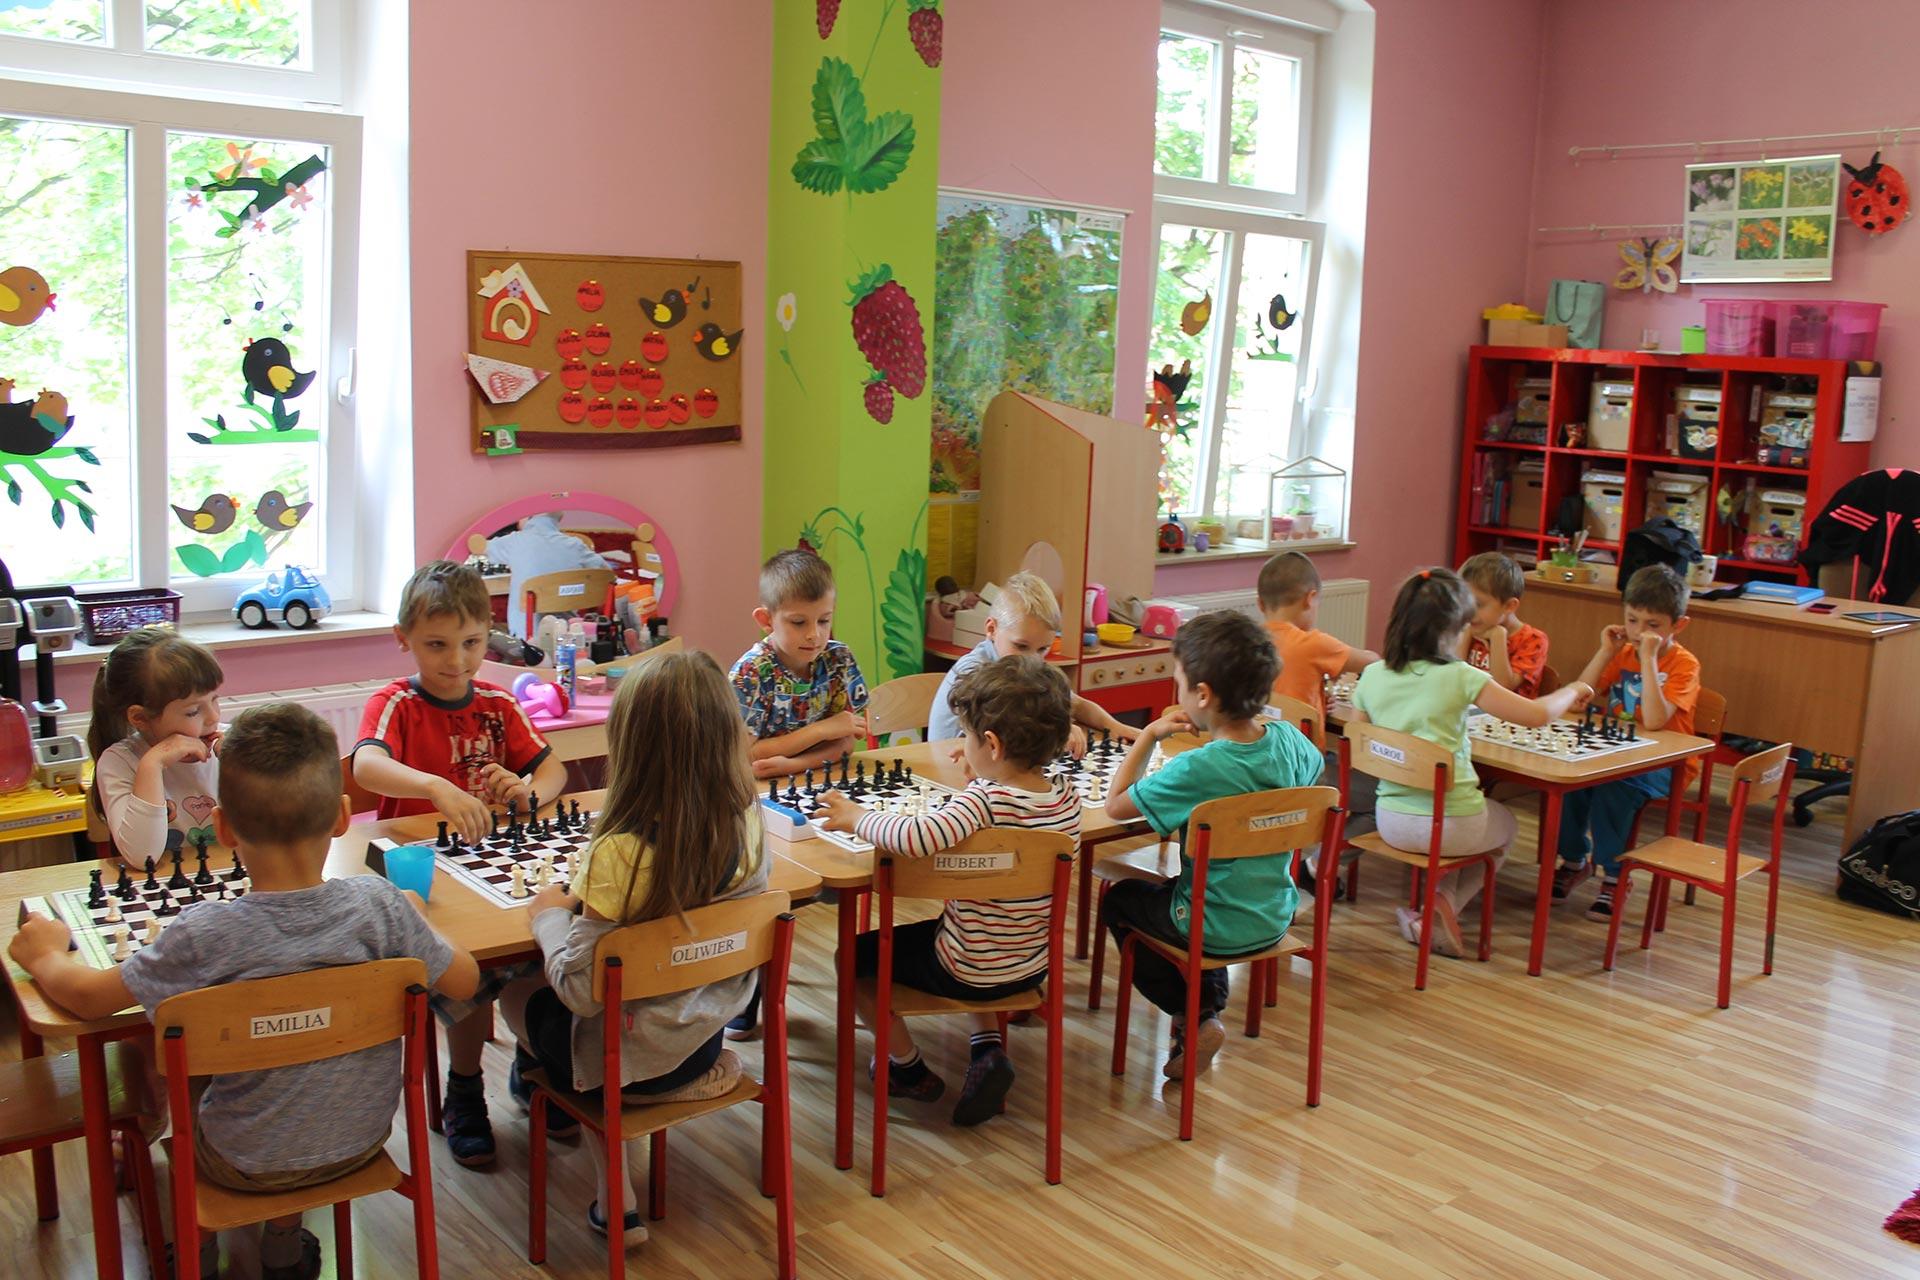 VI Turniej Szachowy o Mistrzostwo Przedszkola Europejska Akademia Dziecka, Świdnica, 15.06.2016